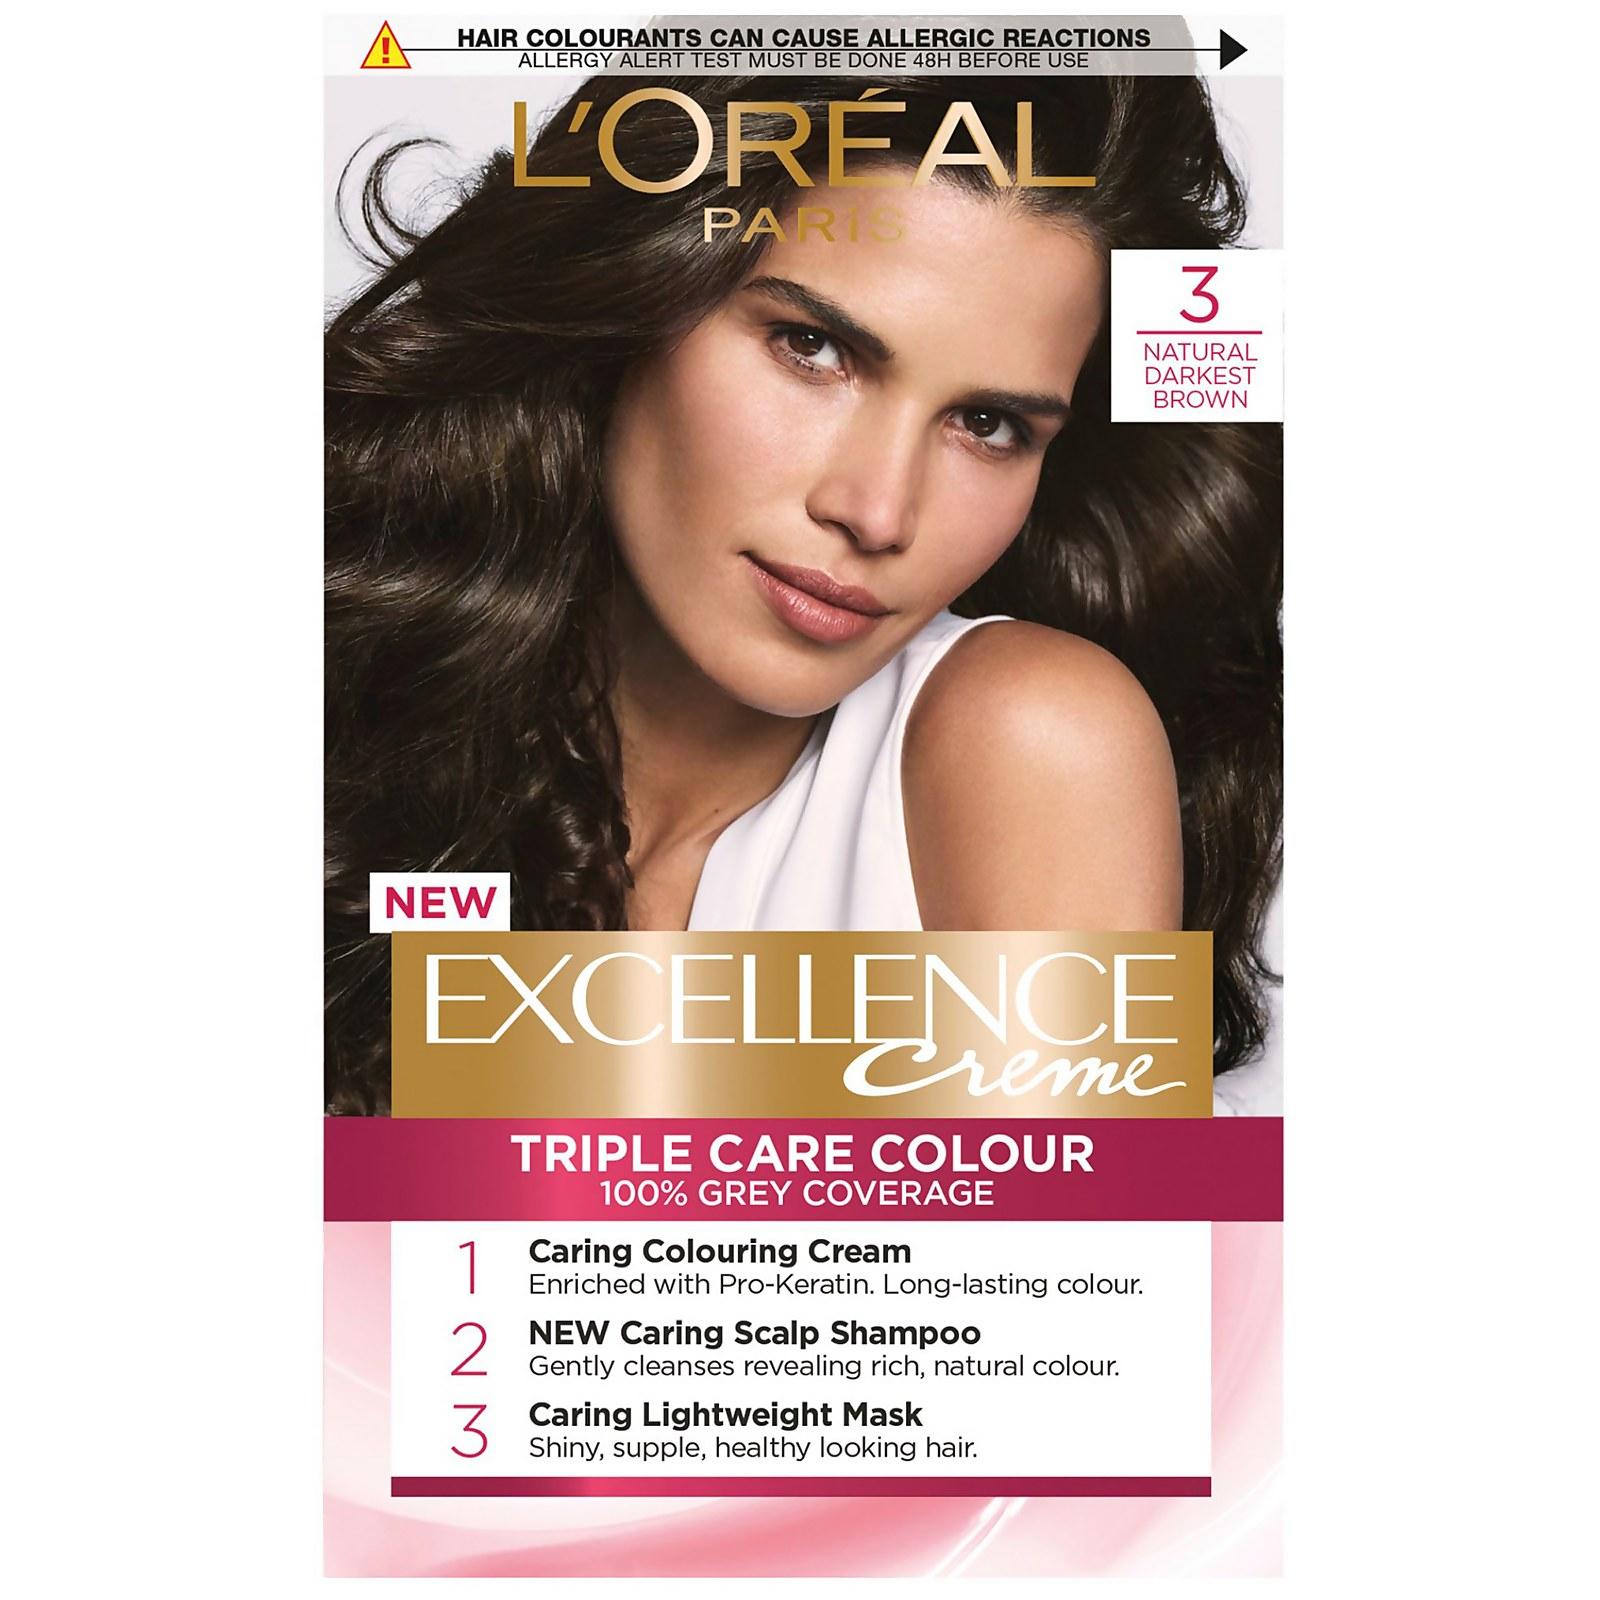 L'Oréal Paris Excellence Crème Permanent Hair Dye (Various Shades) - 3 Natural Darkest Brown